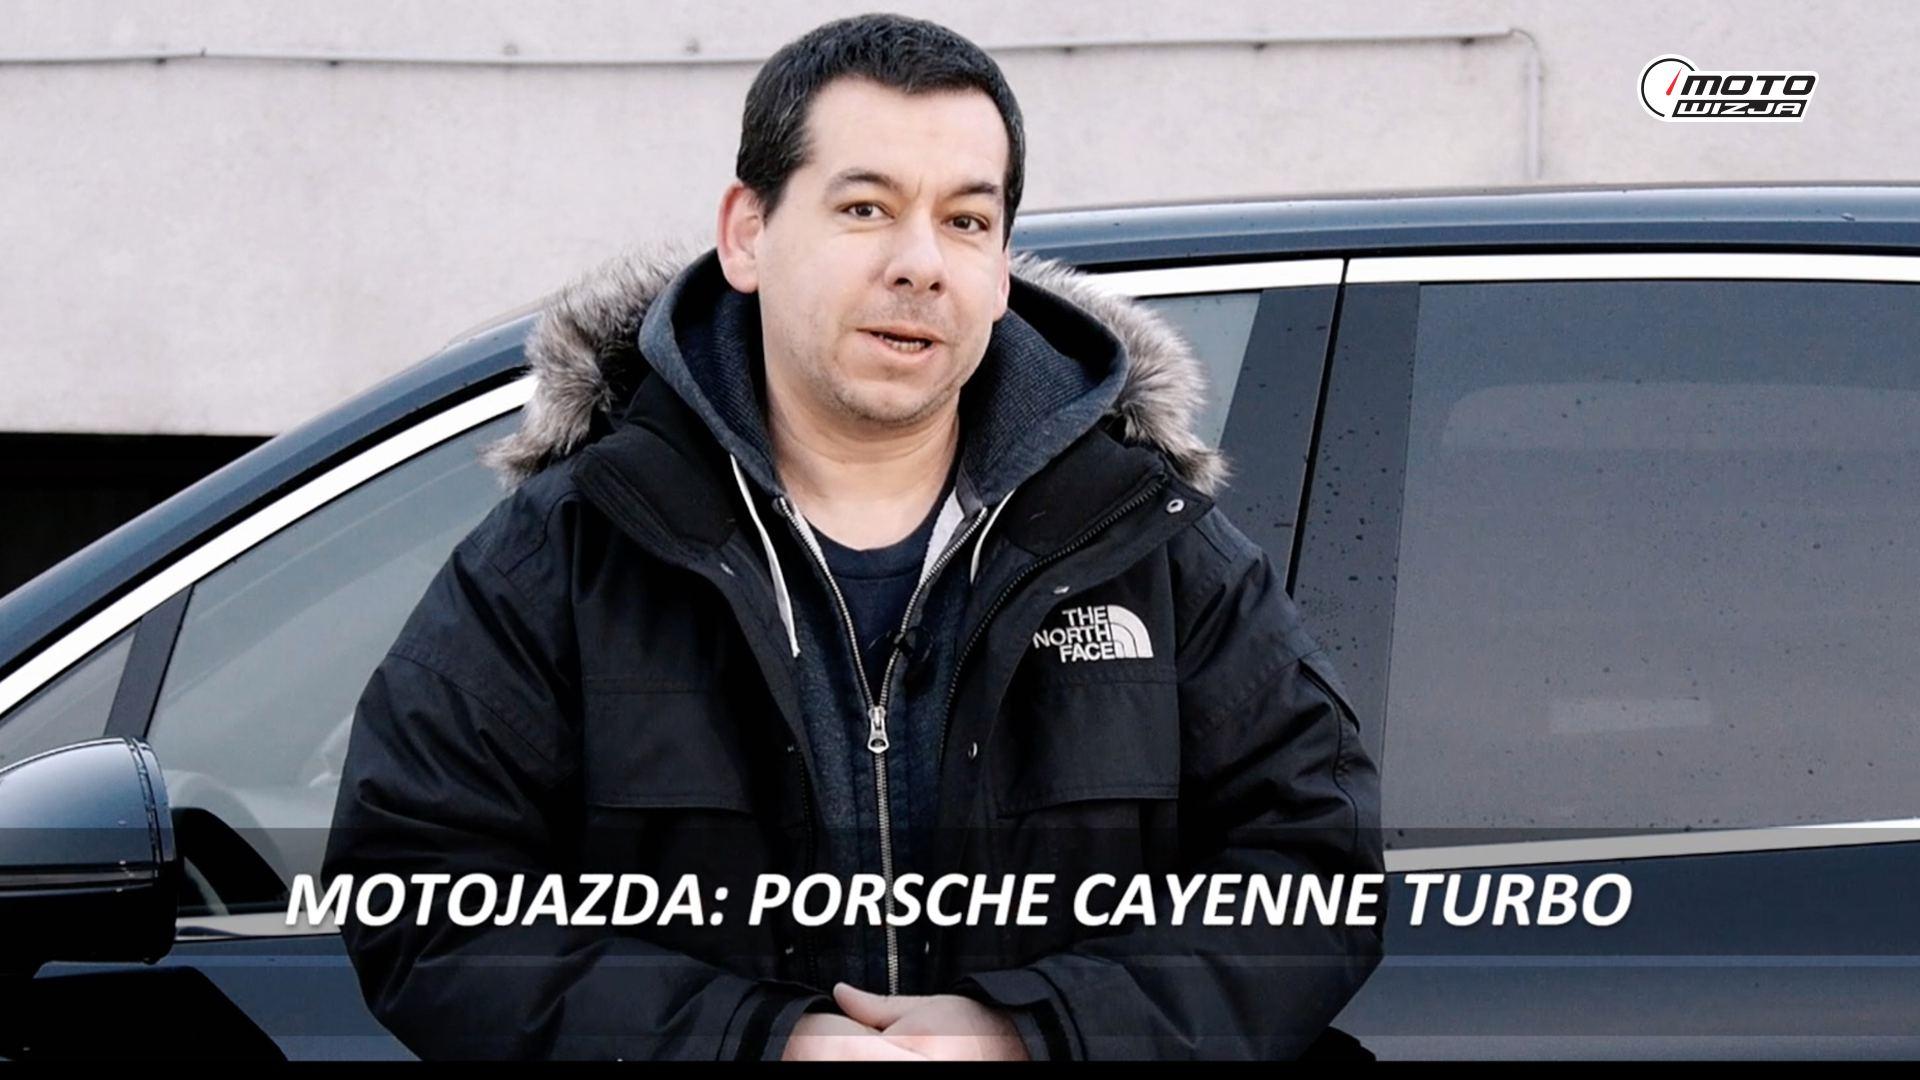 Motojazda w Motowizji: Porsche Cayenne Turbo